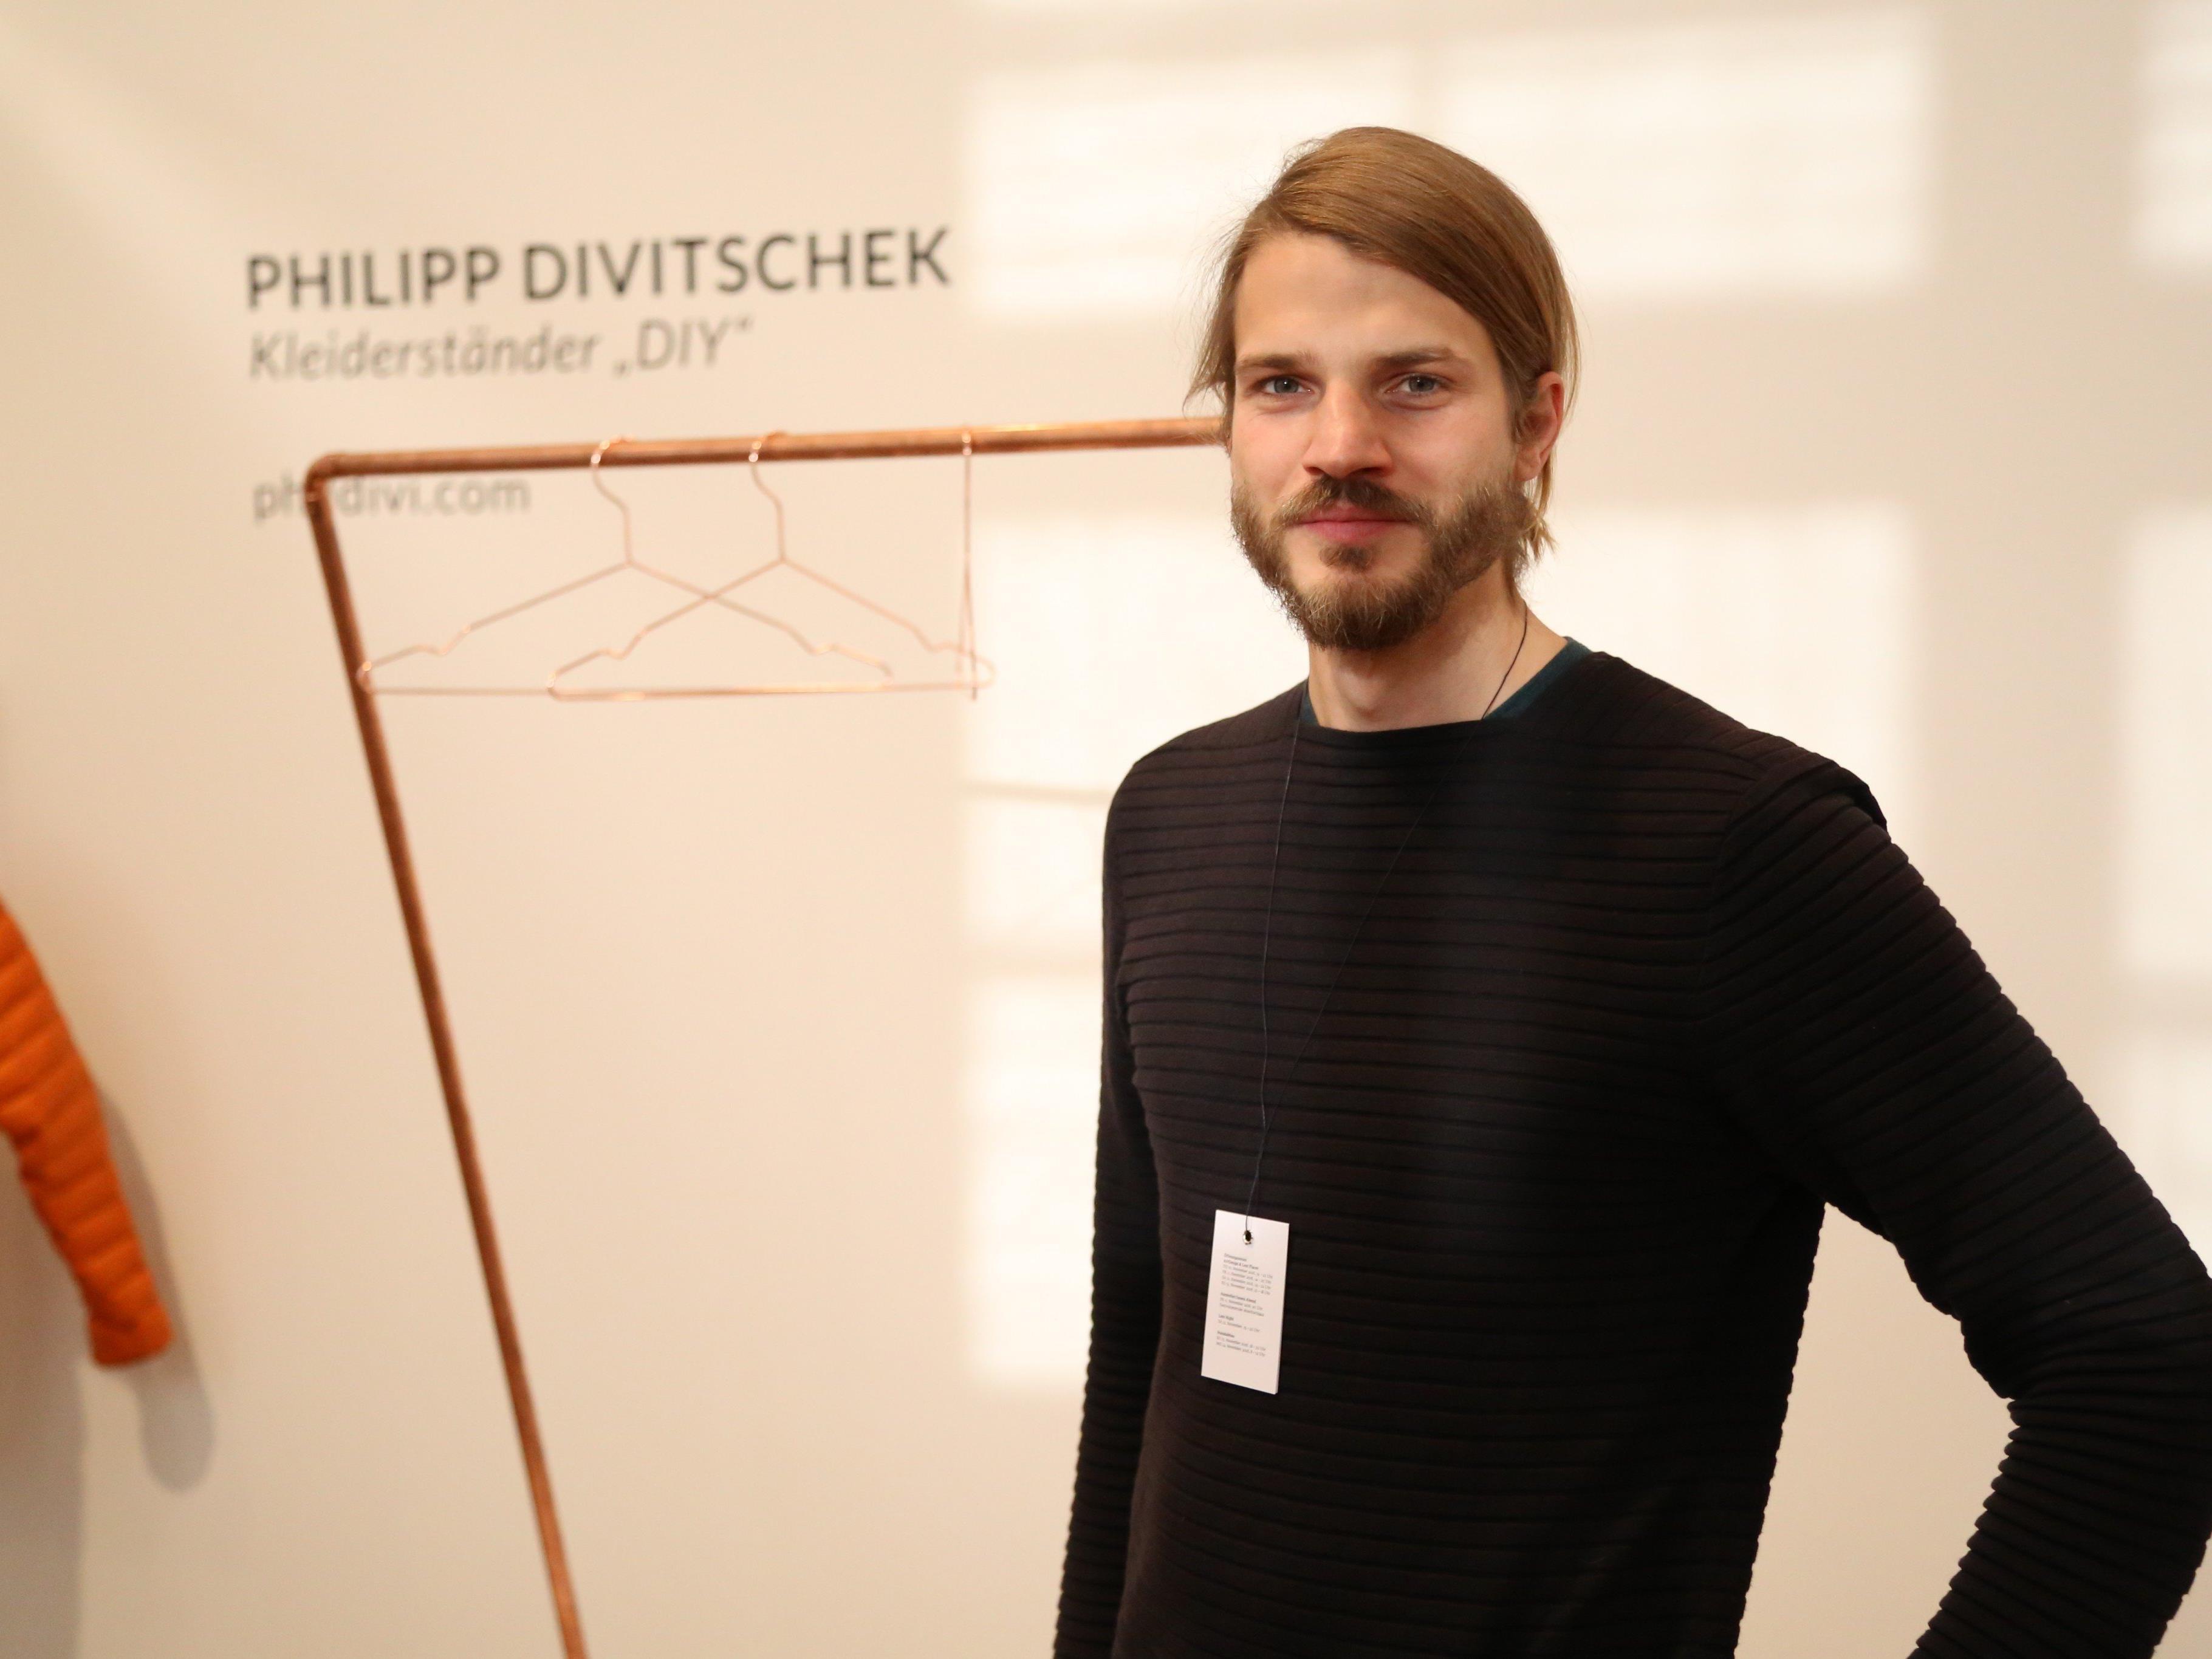 """Philipp Divitschek überzeugte die Preisrichter mit seiner """"Do-It-Yourself""""-Idee eines Kleiderständers."""